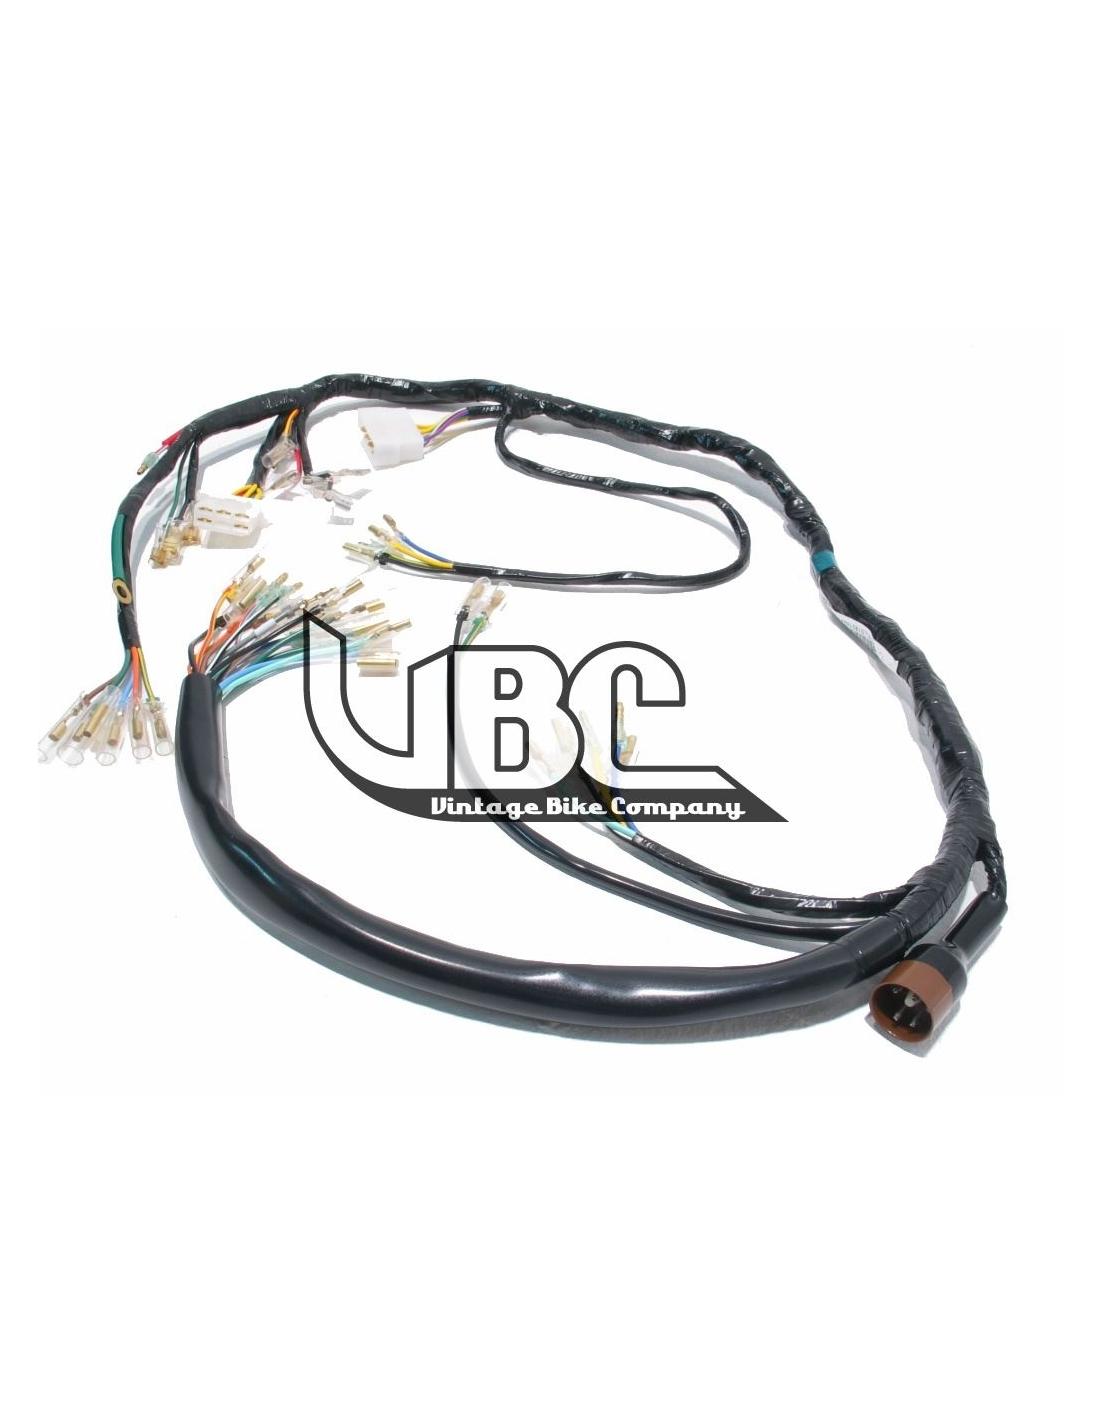 Faisceau électrique CB 750 K0/K1 32100-300-050 ORIGINE HONDA